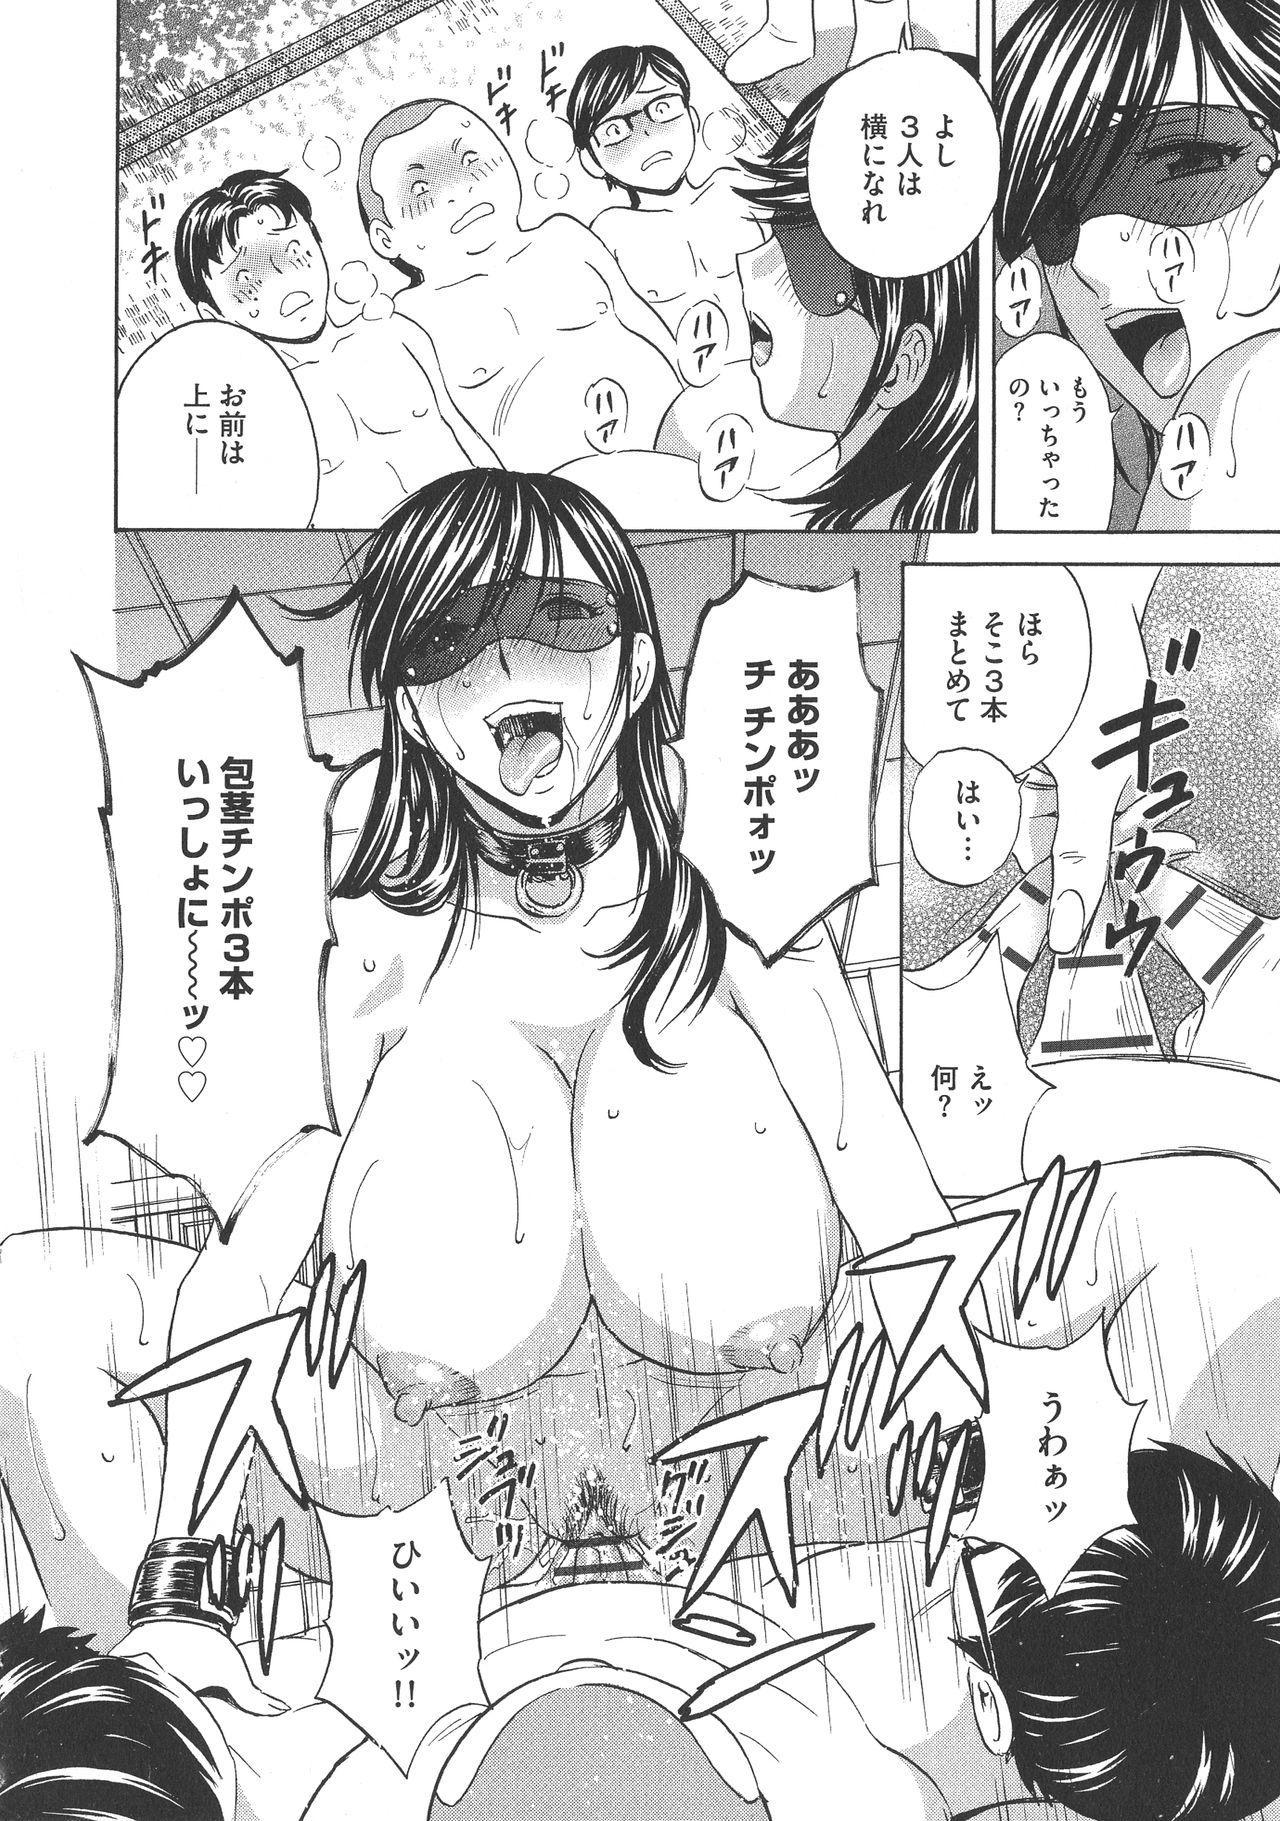 Chijoku ni Modaeru Haha no Chichi… 65